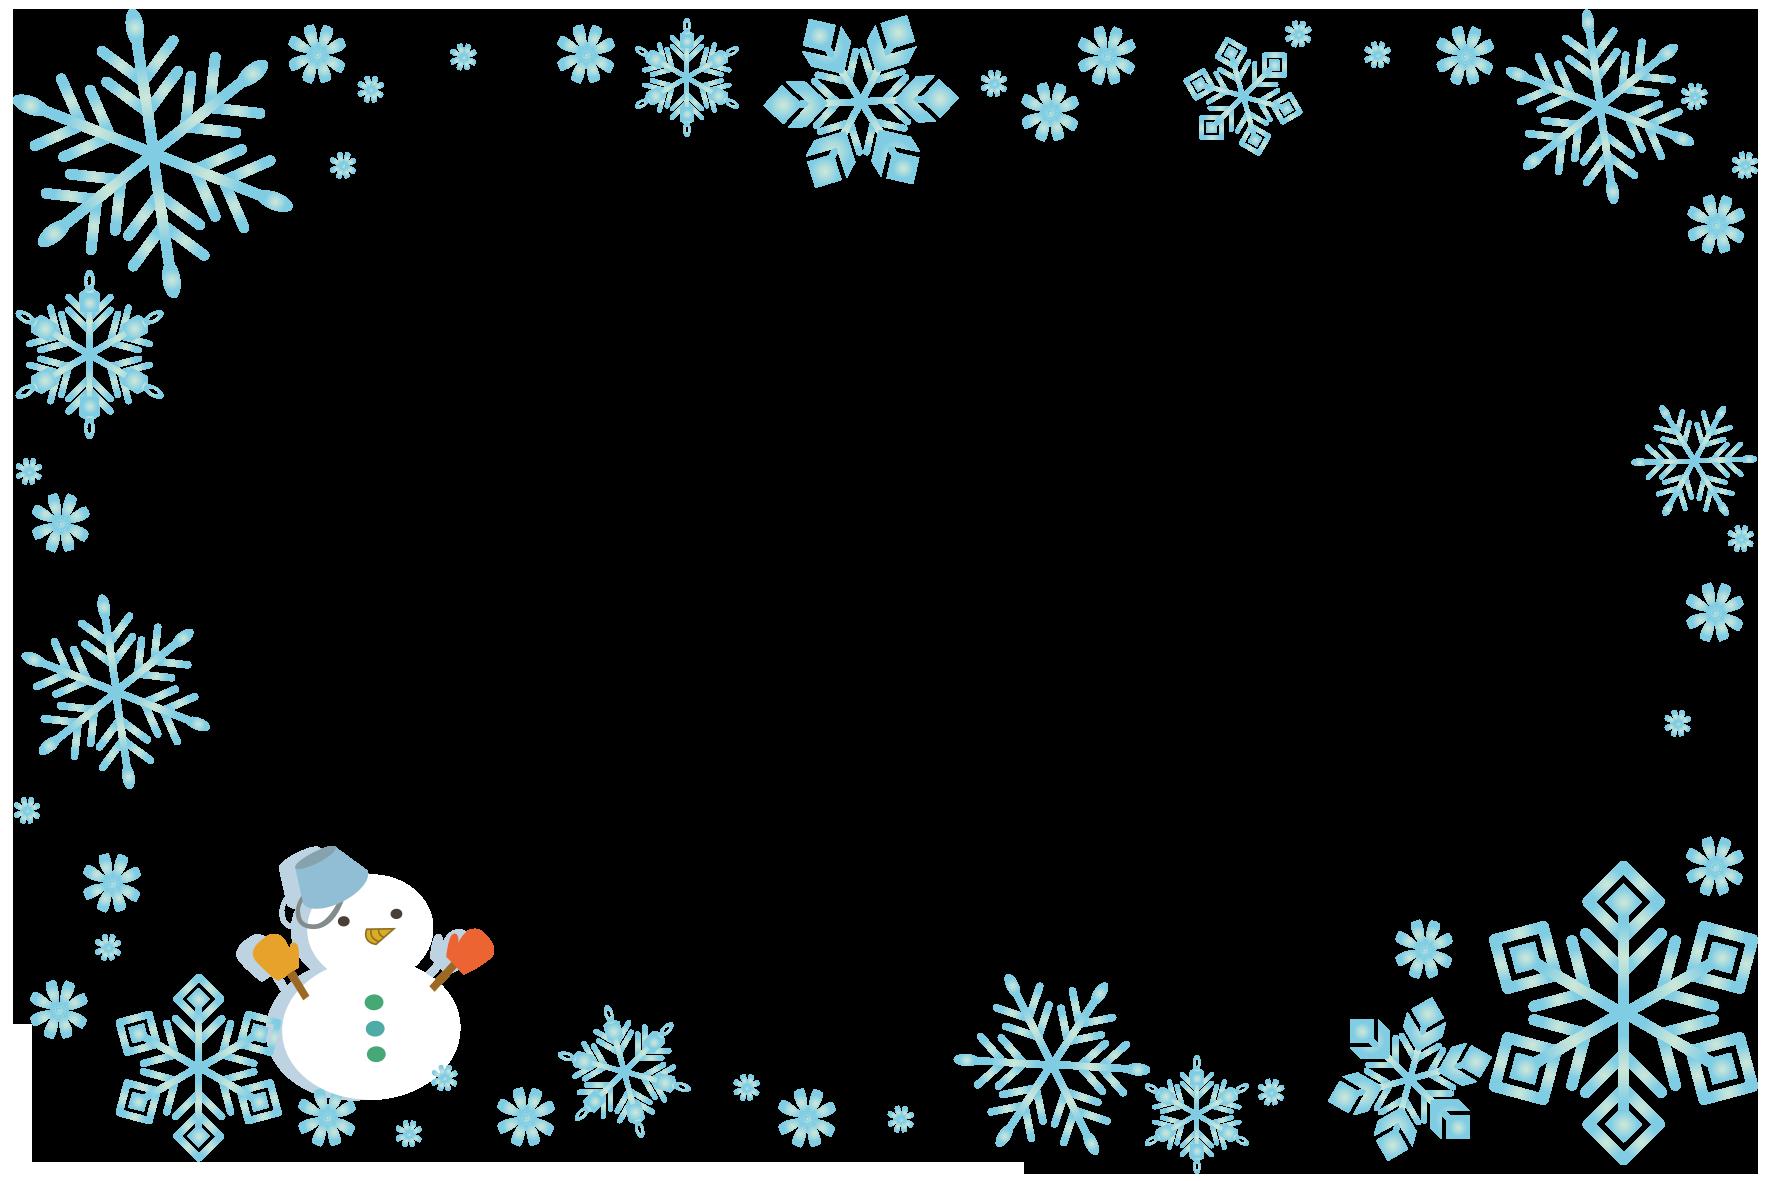 特殊】 雪の結晶 イラスト 簡単 , トップの壁紙はこちら